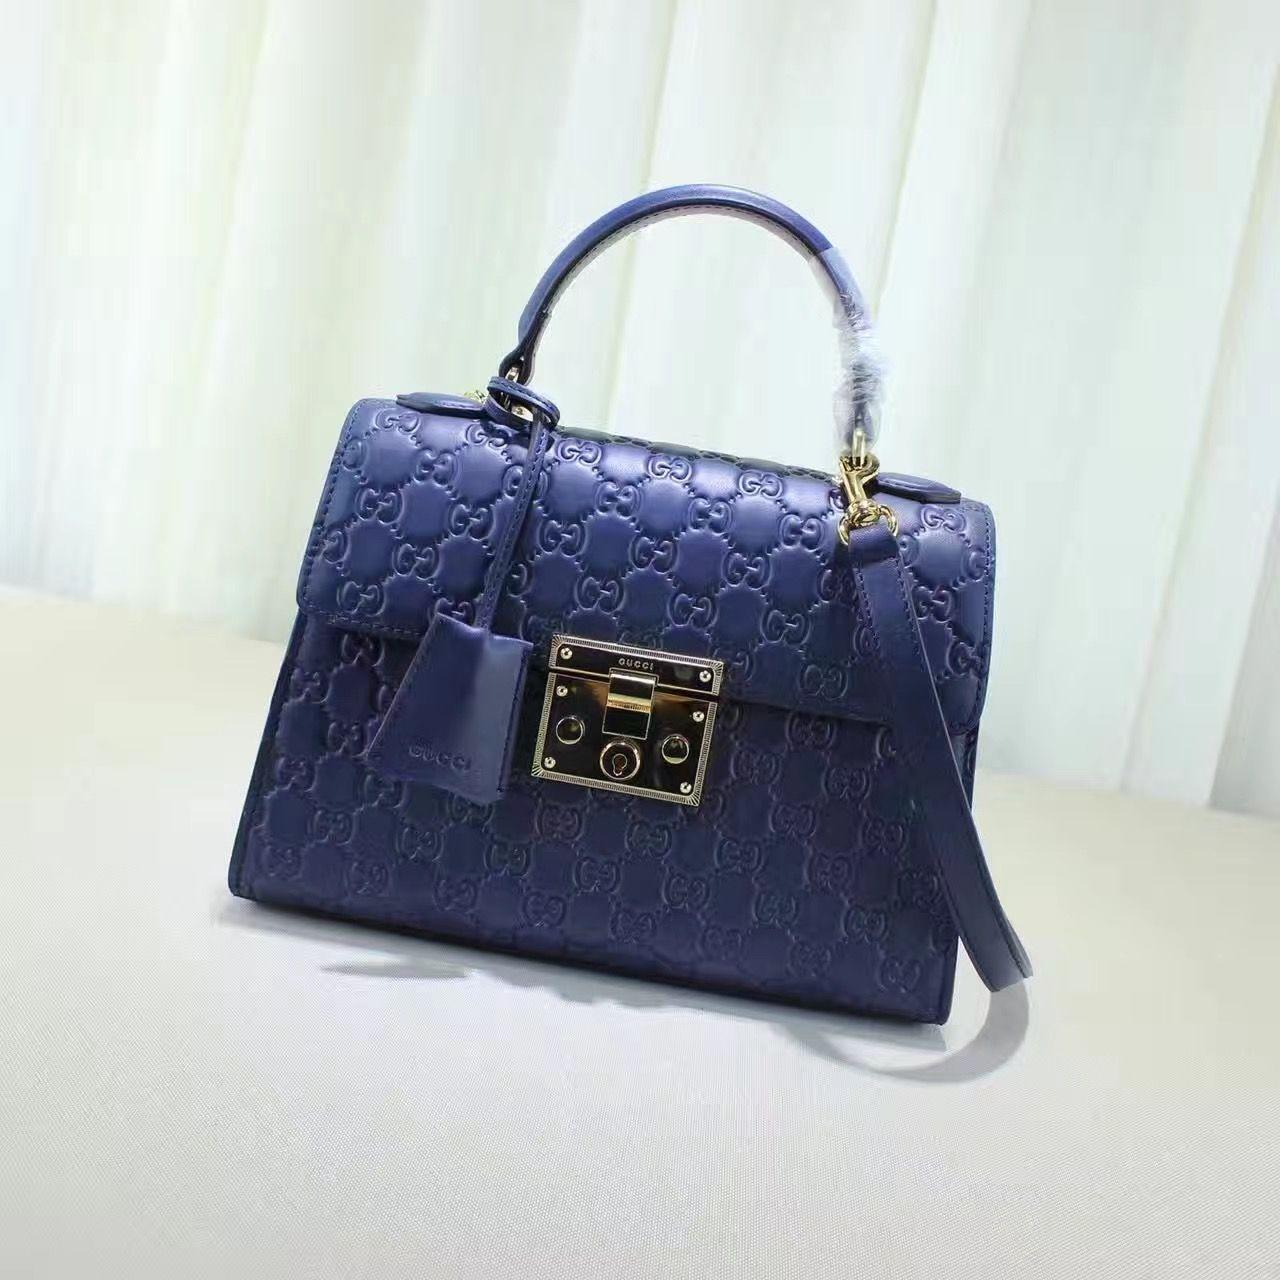 3351c65853 Gucci Padlock Signature Top Handle Small Bag 453188 Blue 2016 ...